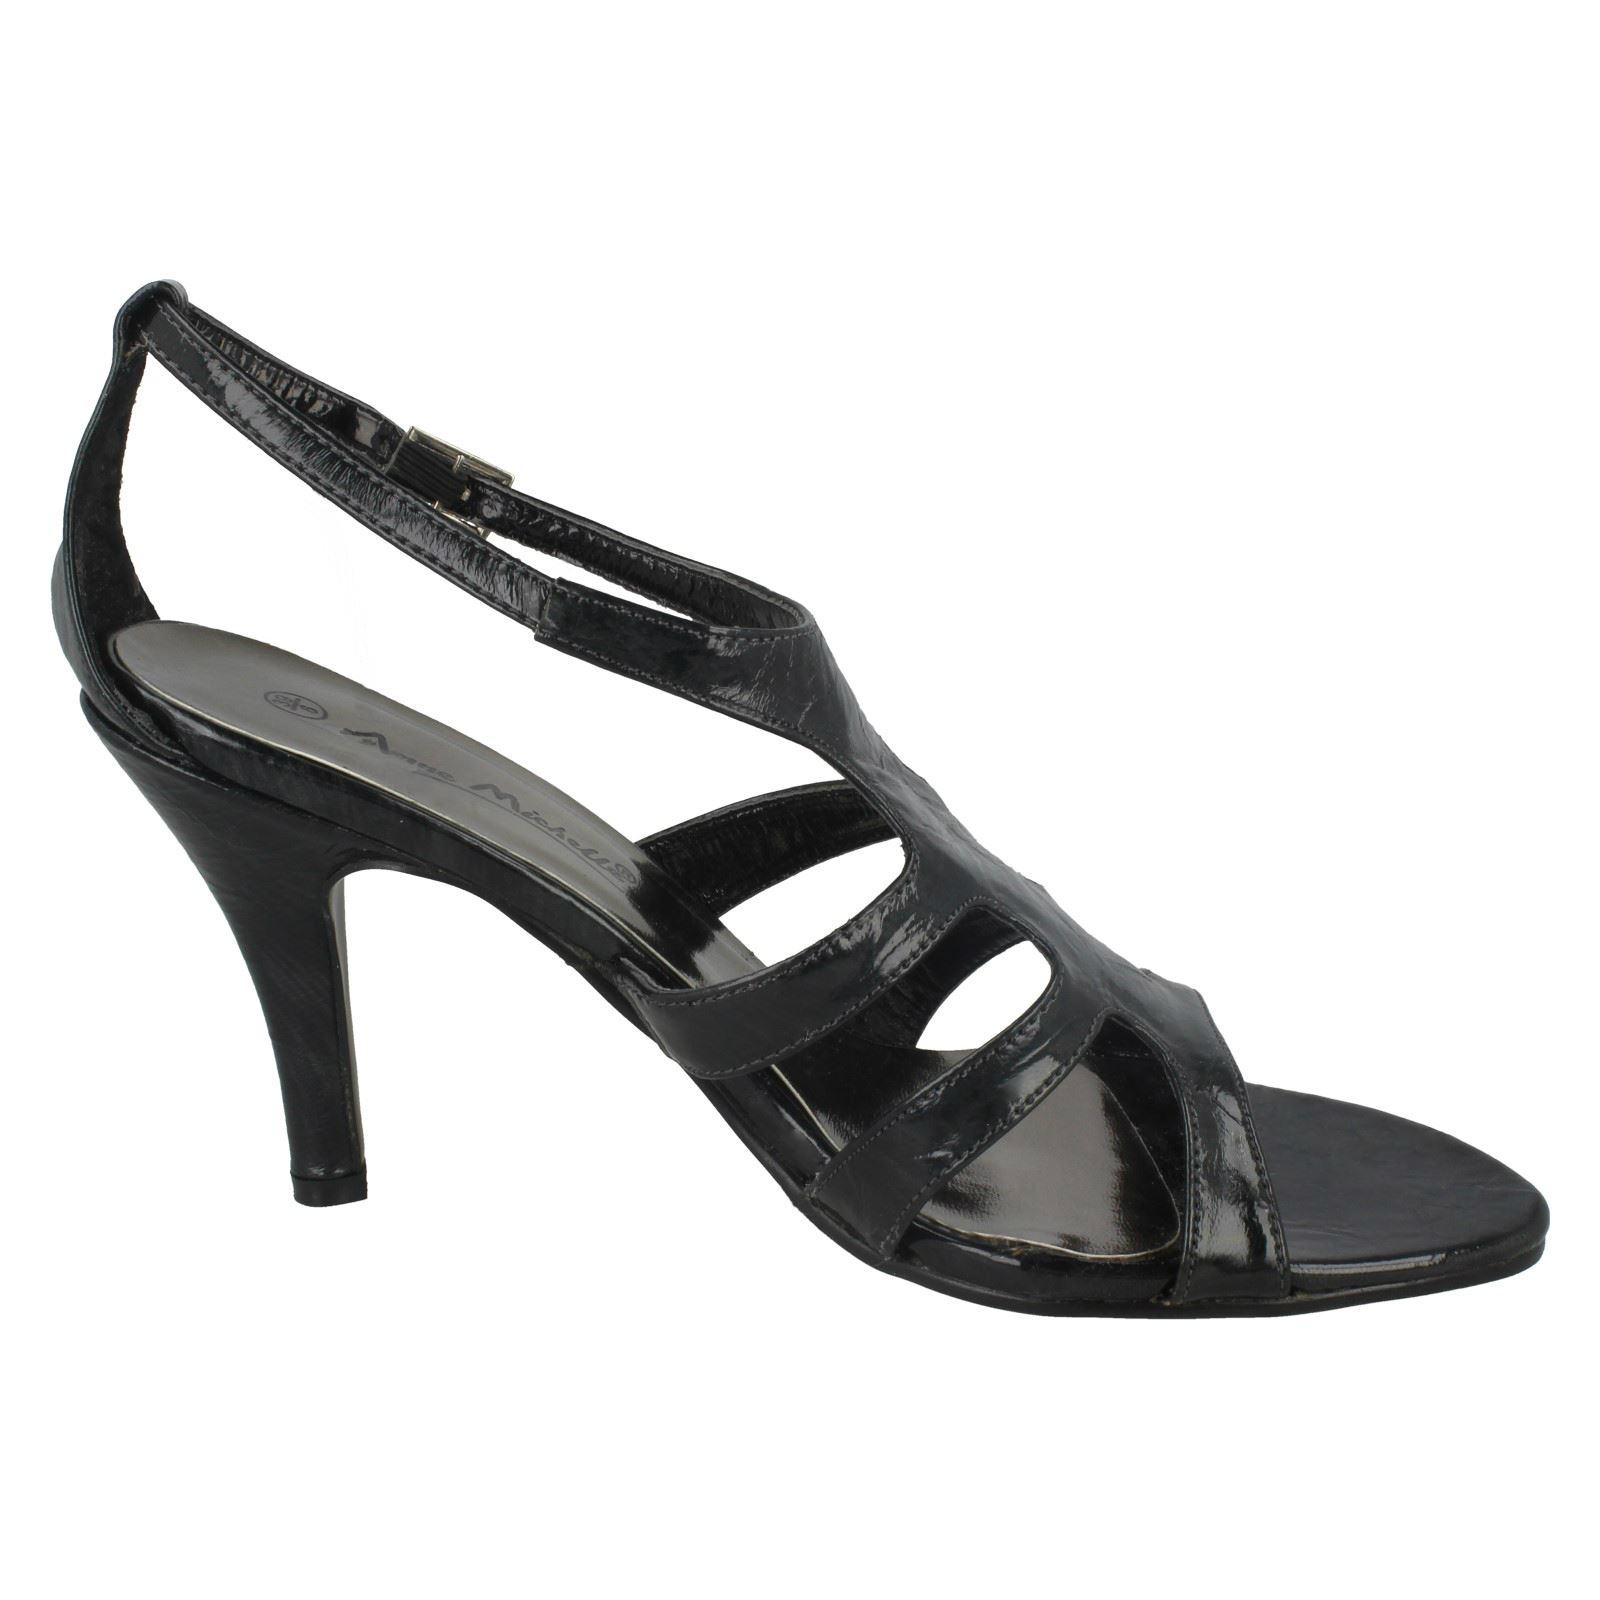 Mujer Zapatos De Tacón Hebilla Formal L3876